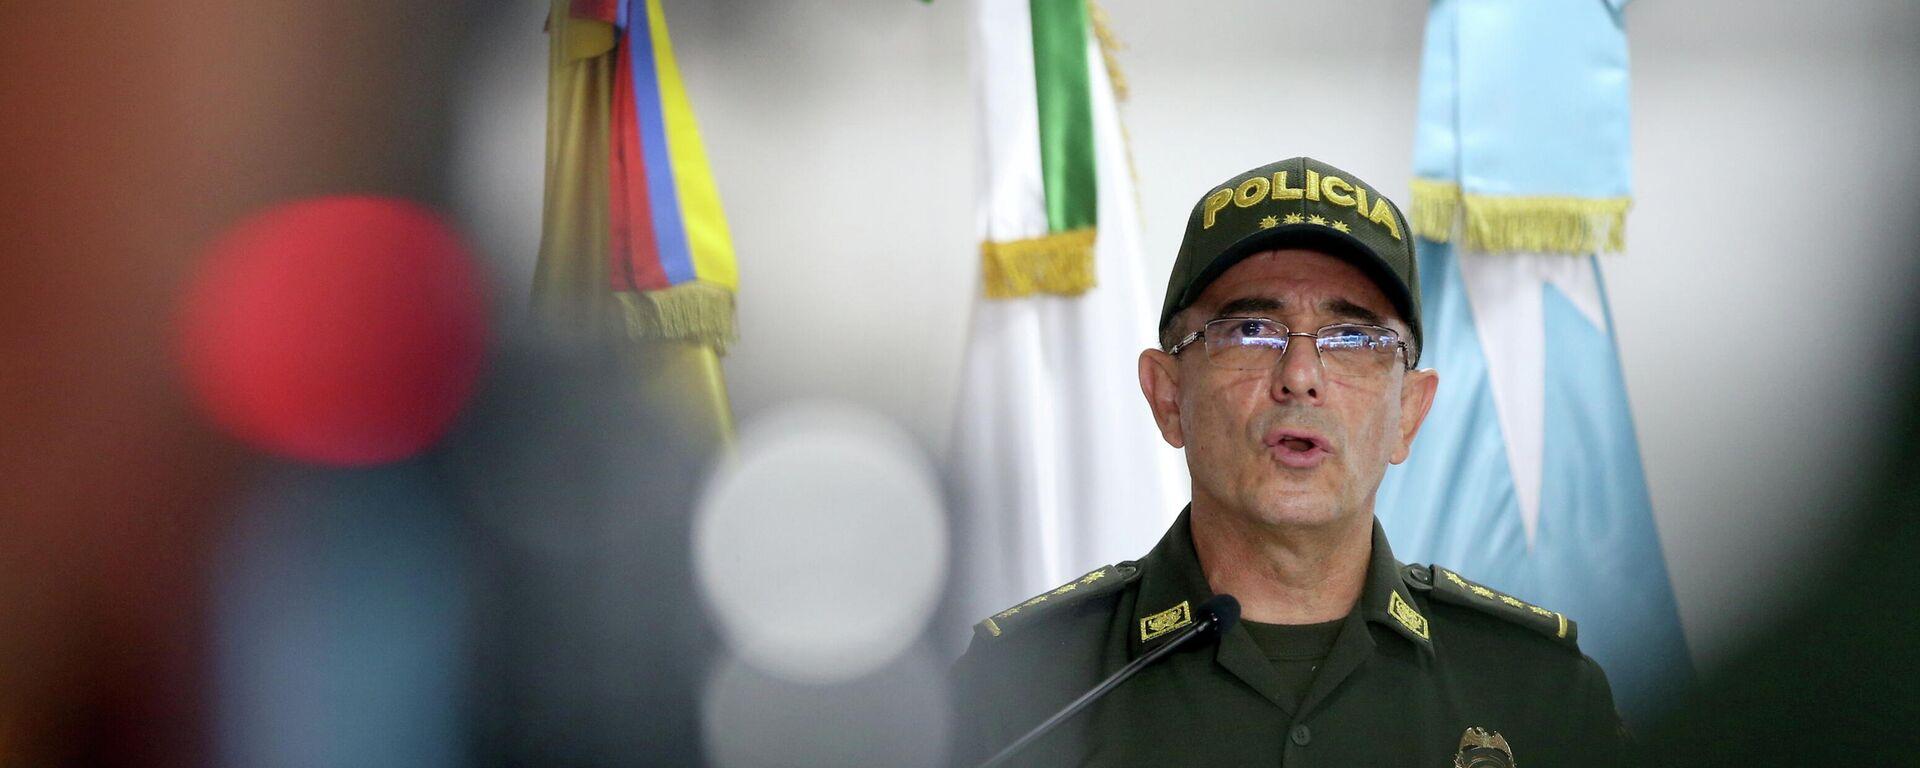 Jorge Luis Vargas, director de la Policía Nacional de Colombia - Sputnik Mundo, 1920, 16.07.2021